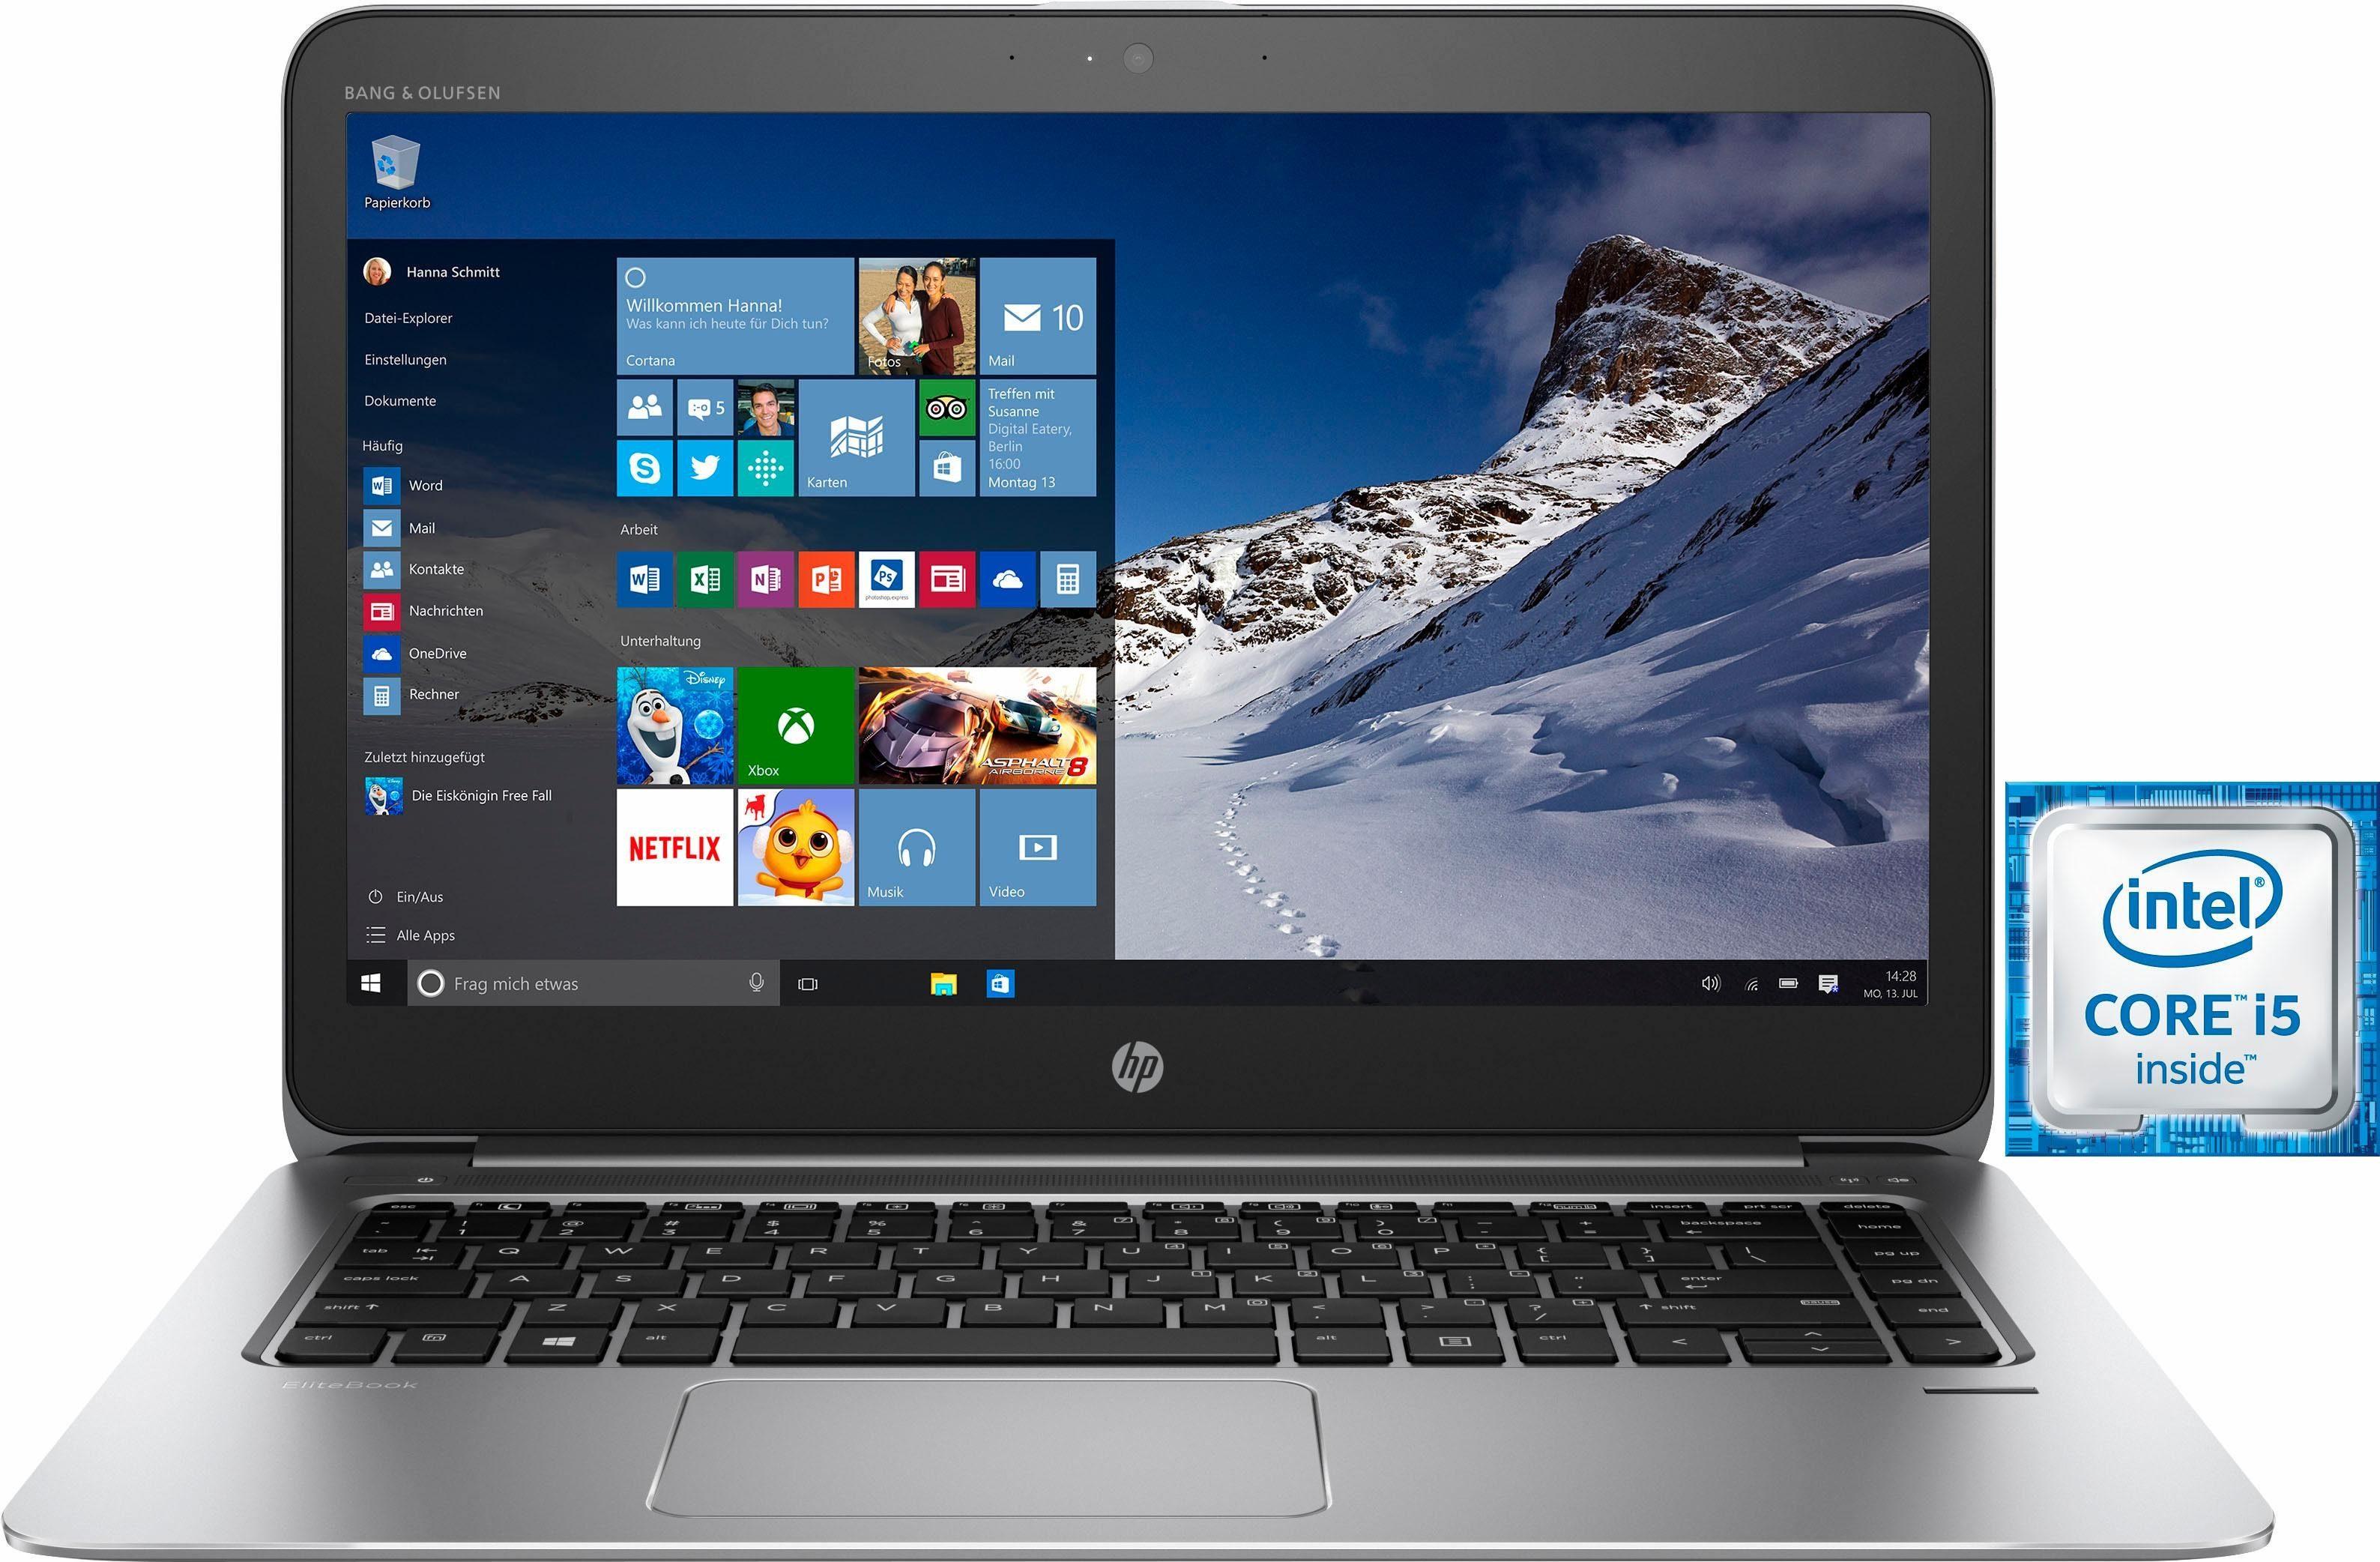 """HP Elitebook 1040 G3 Z2U94ES (14"""" QHD, Intel Core i5-6200U, 256 GB SSD, 8 GB RAM, Win 10 Home)"""